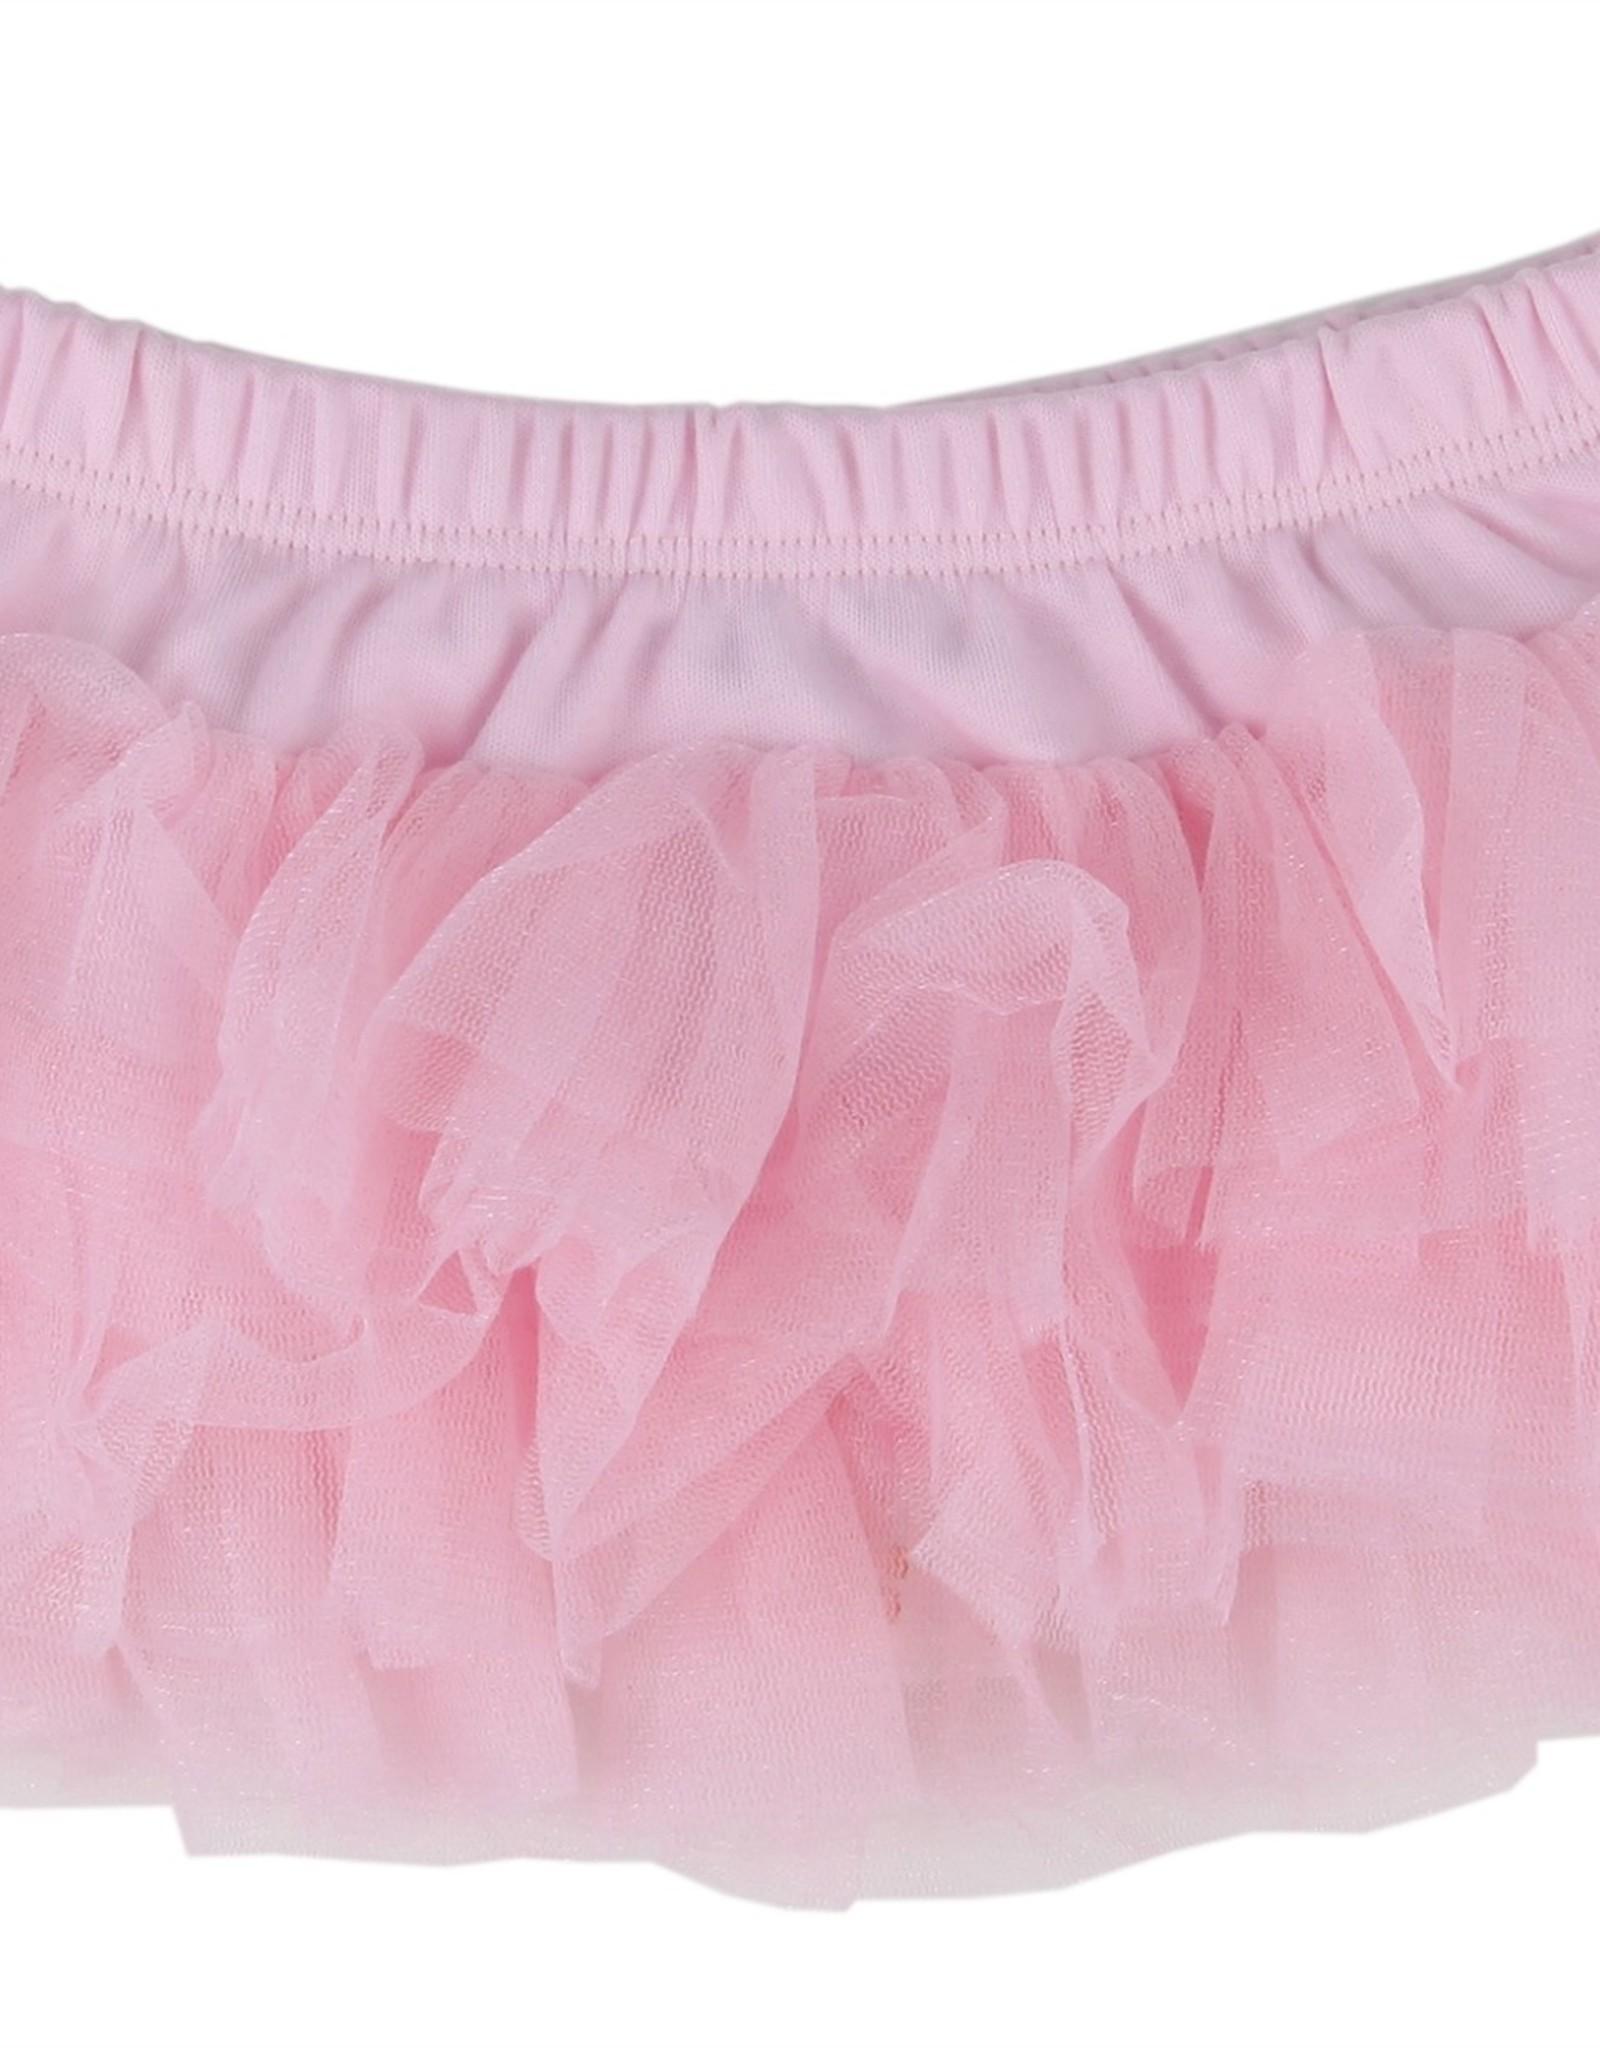 Sara Kety Tutu 12-24 Months Light Pink